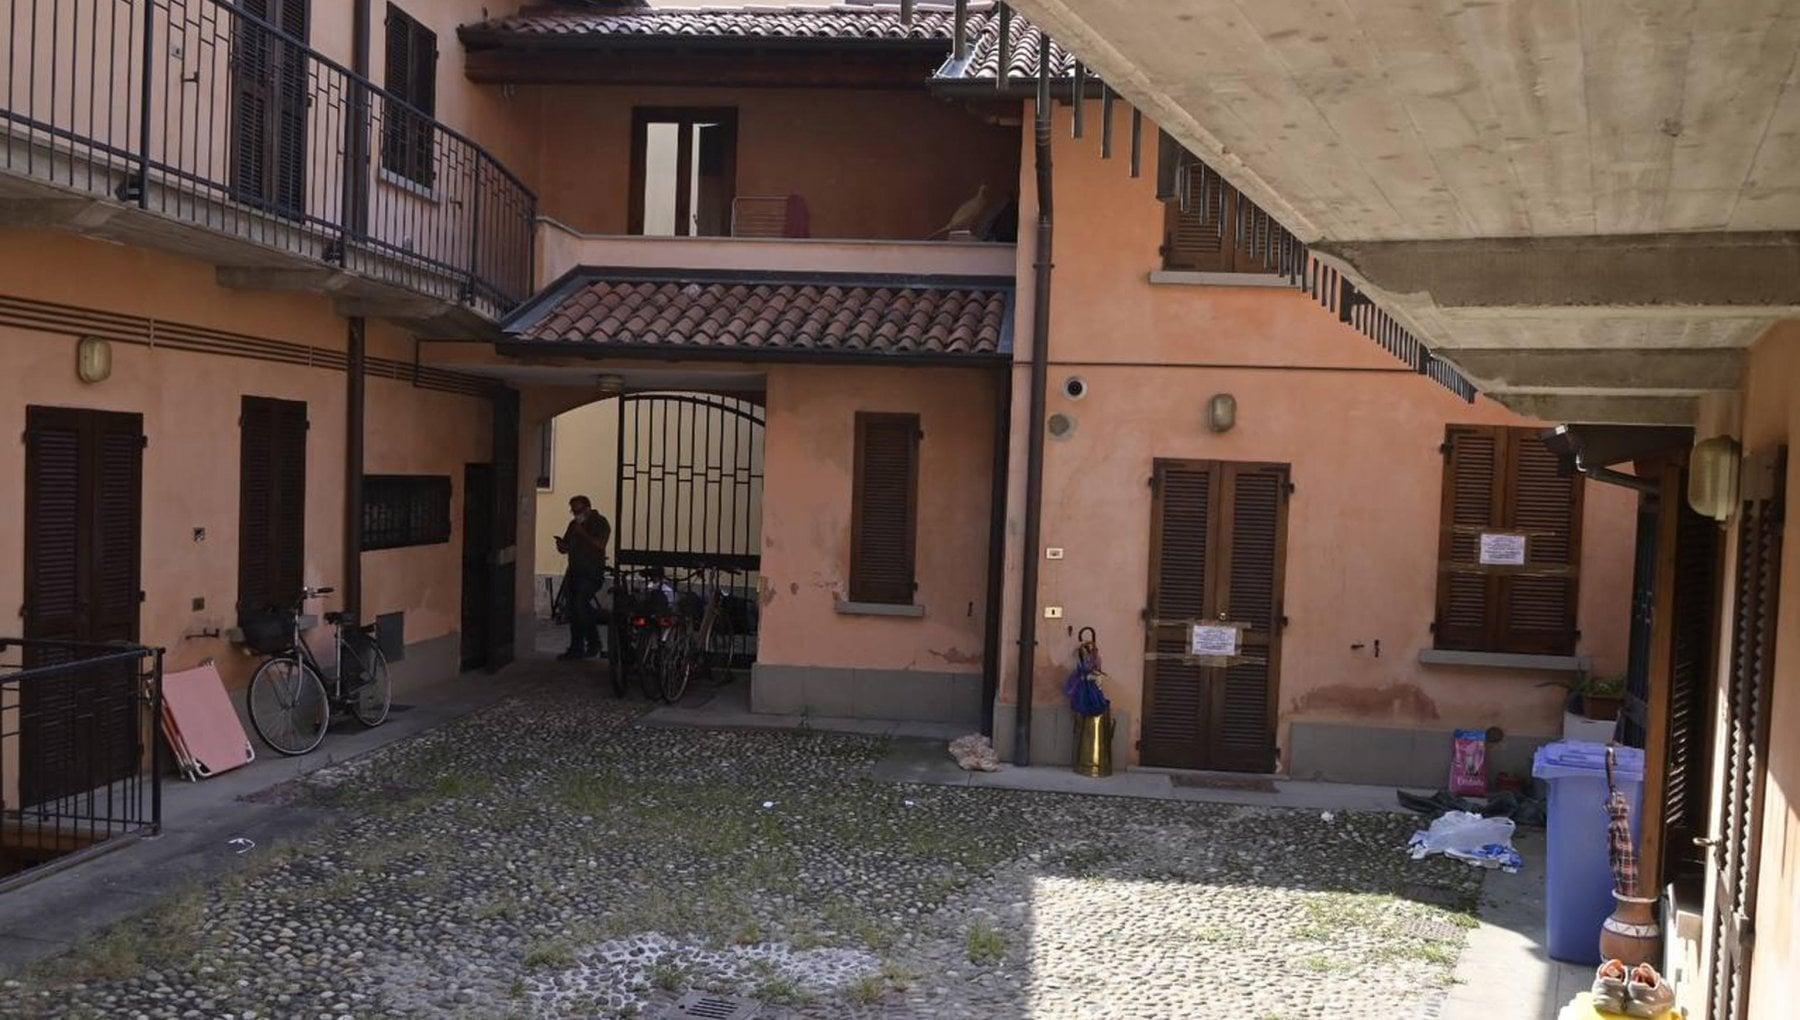 """132041744 c5938c59 bc22 4227 b421 864ec0c52609 - Ragazza di 15 anni uccide la madre dopo lite a Treviglio. Poi chiama il 112: """"Aiuto, ho fatto male a mamma"""""""